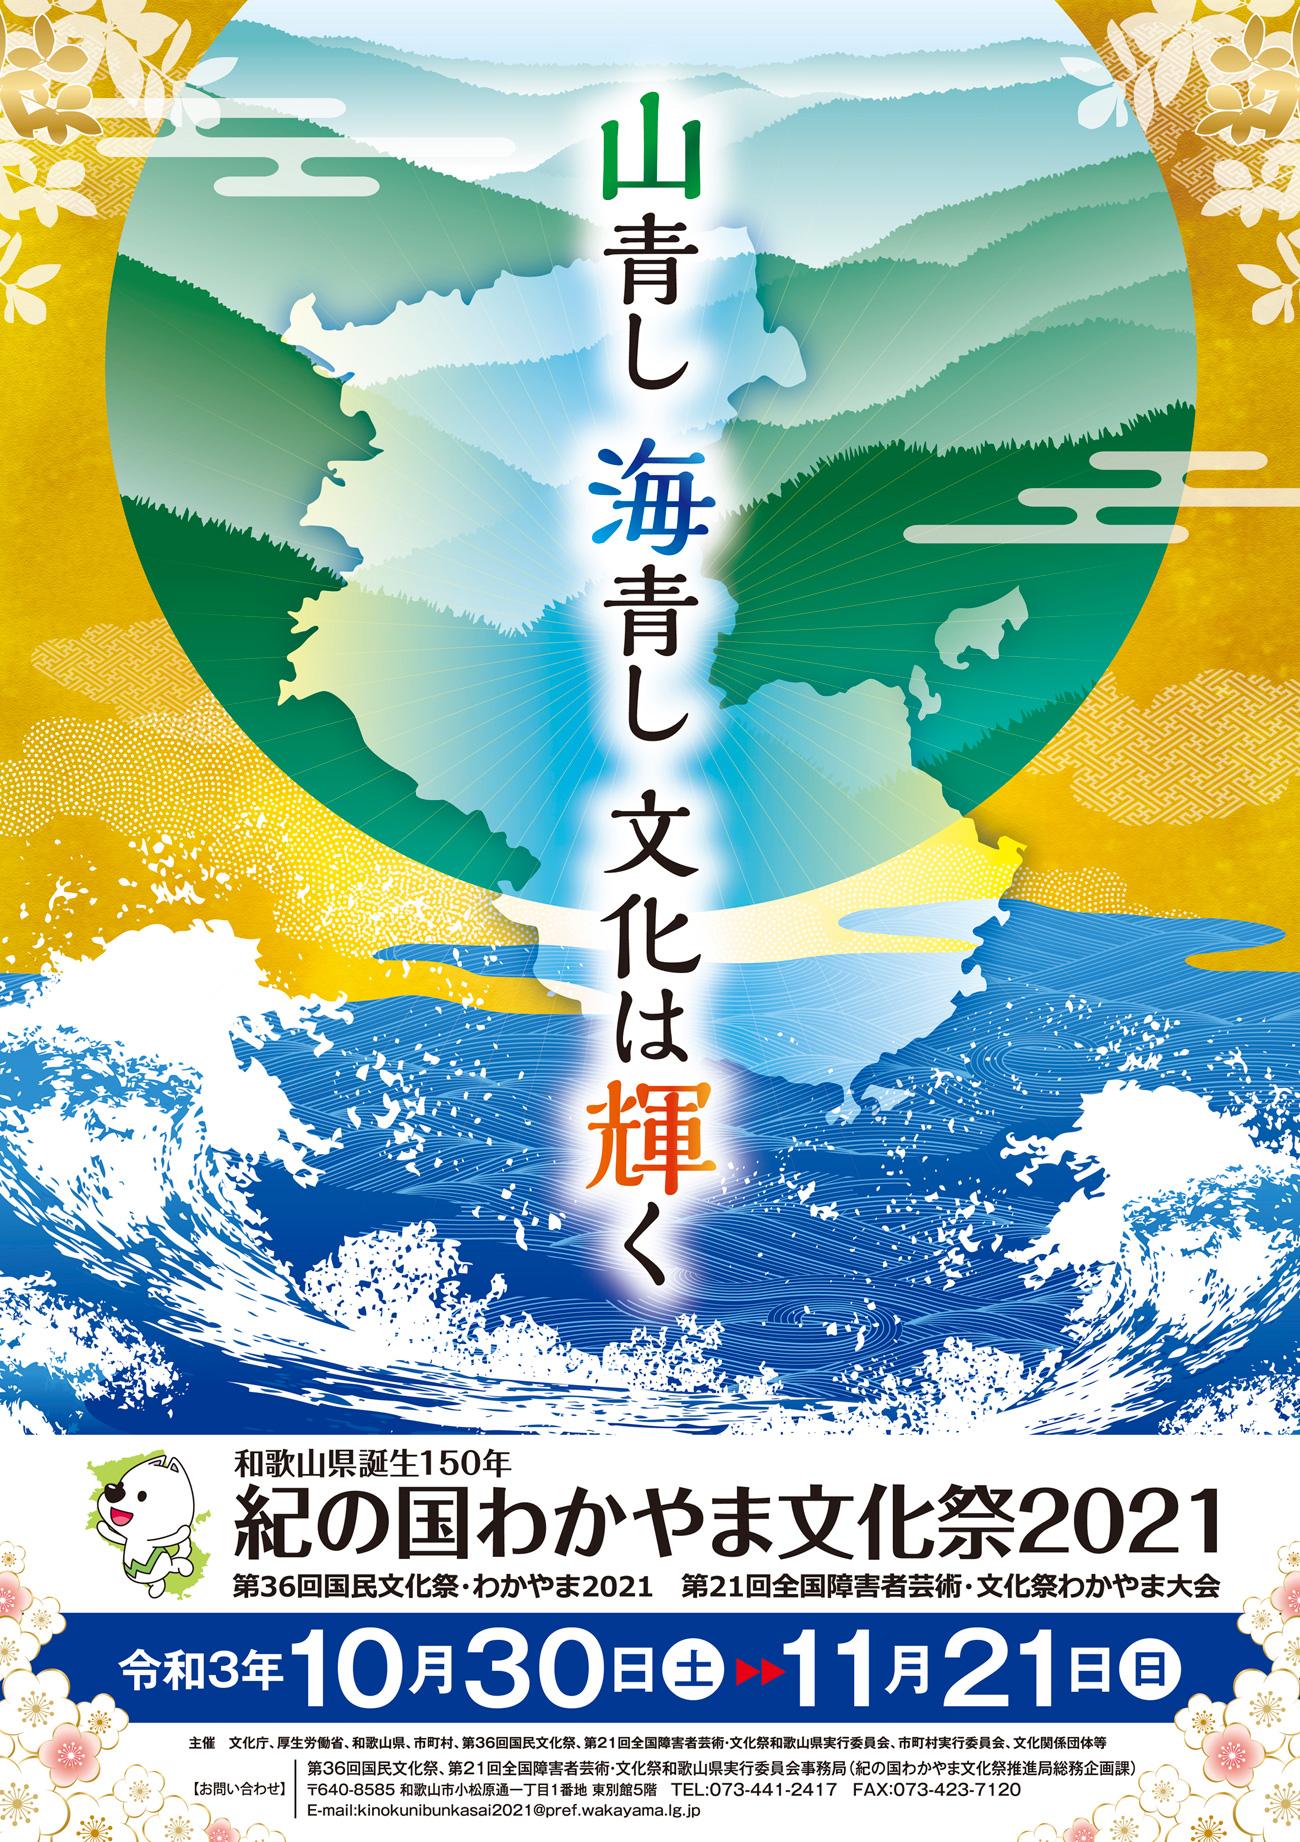 国民文化祭とは?今年は宮崎県と和歌山県で開催!